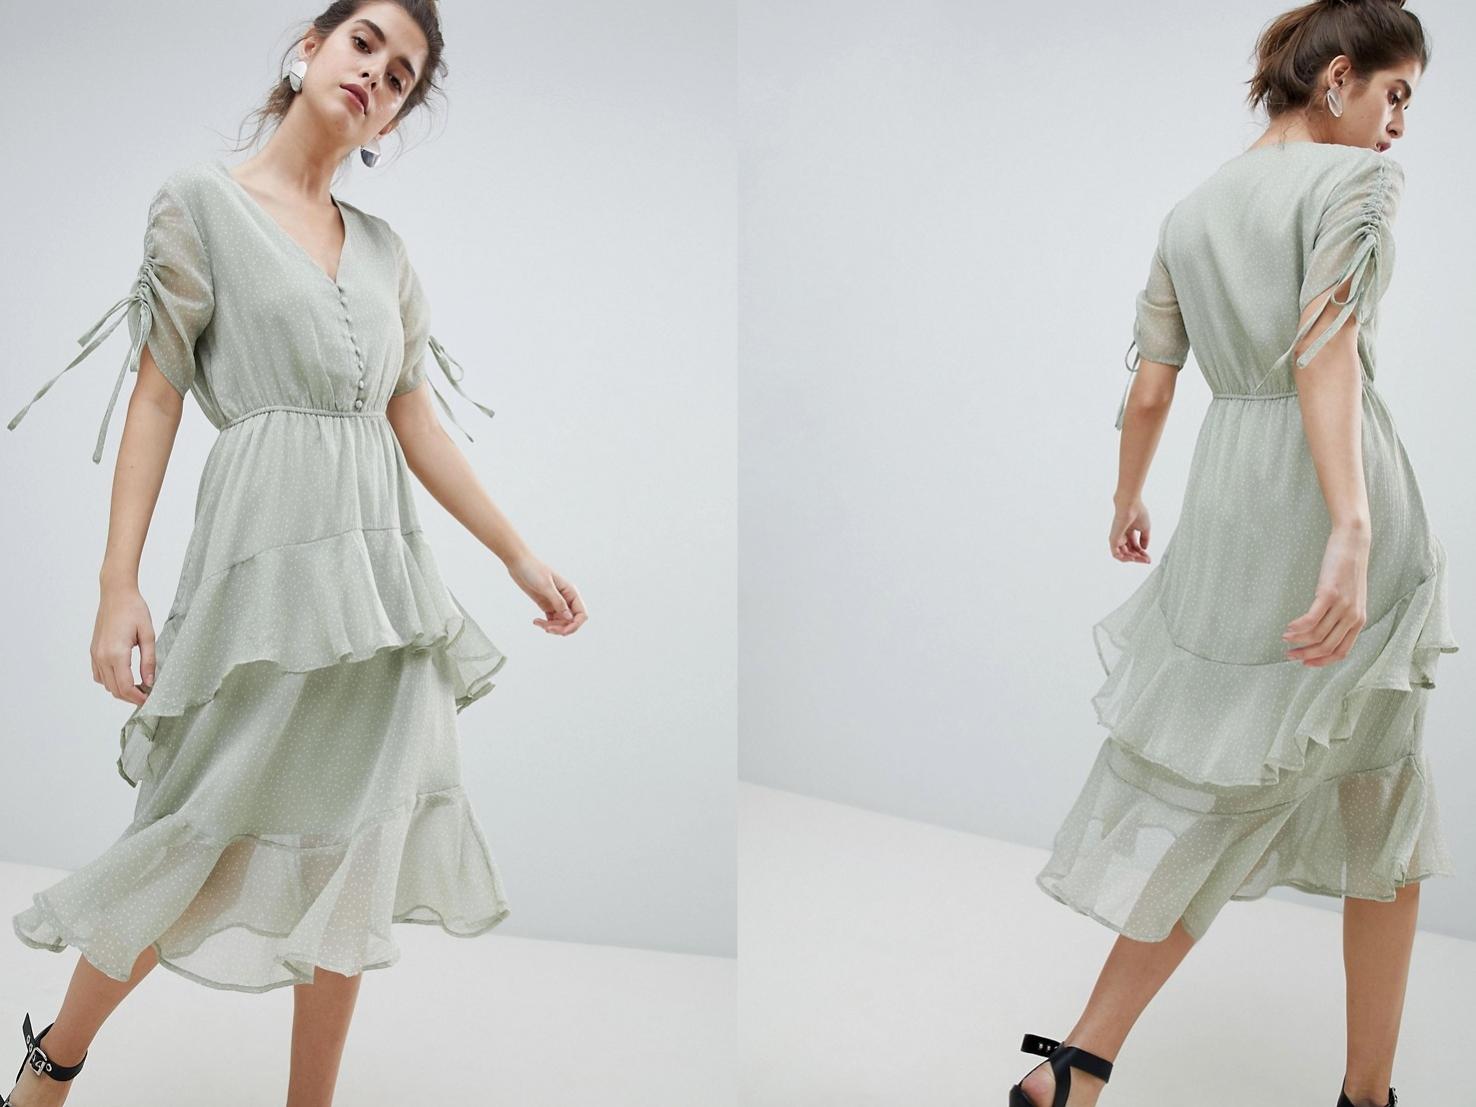 469d6bbbb8 Neon Zielona Sukienka w Grochy Falbana XS 34 - 7385329973 ...